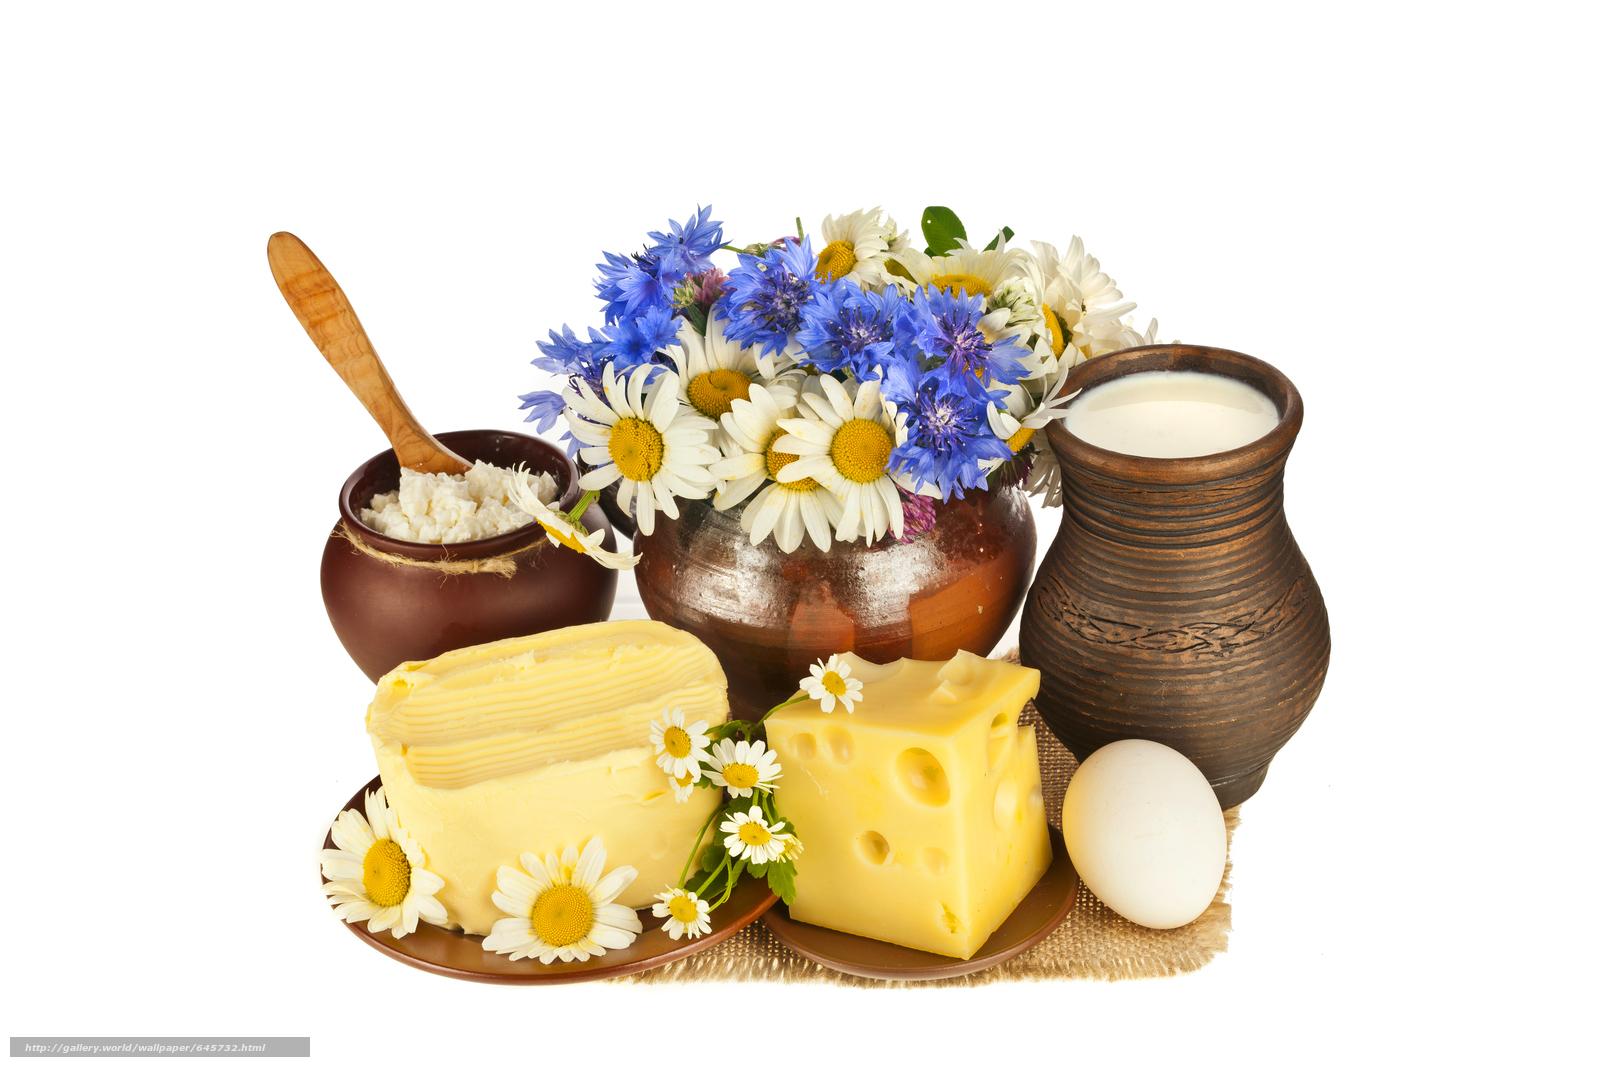 Скачать обои сыр,  еда,  пища,  провиант бесплатно для рабочего стола в разрешении 9914x6614 — картинка №645732